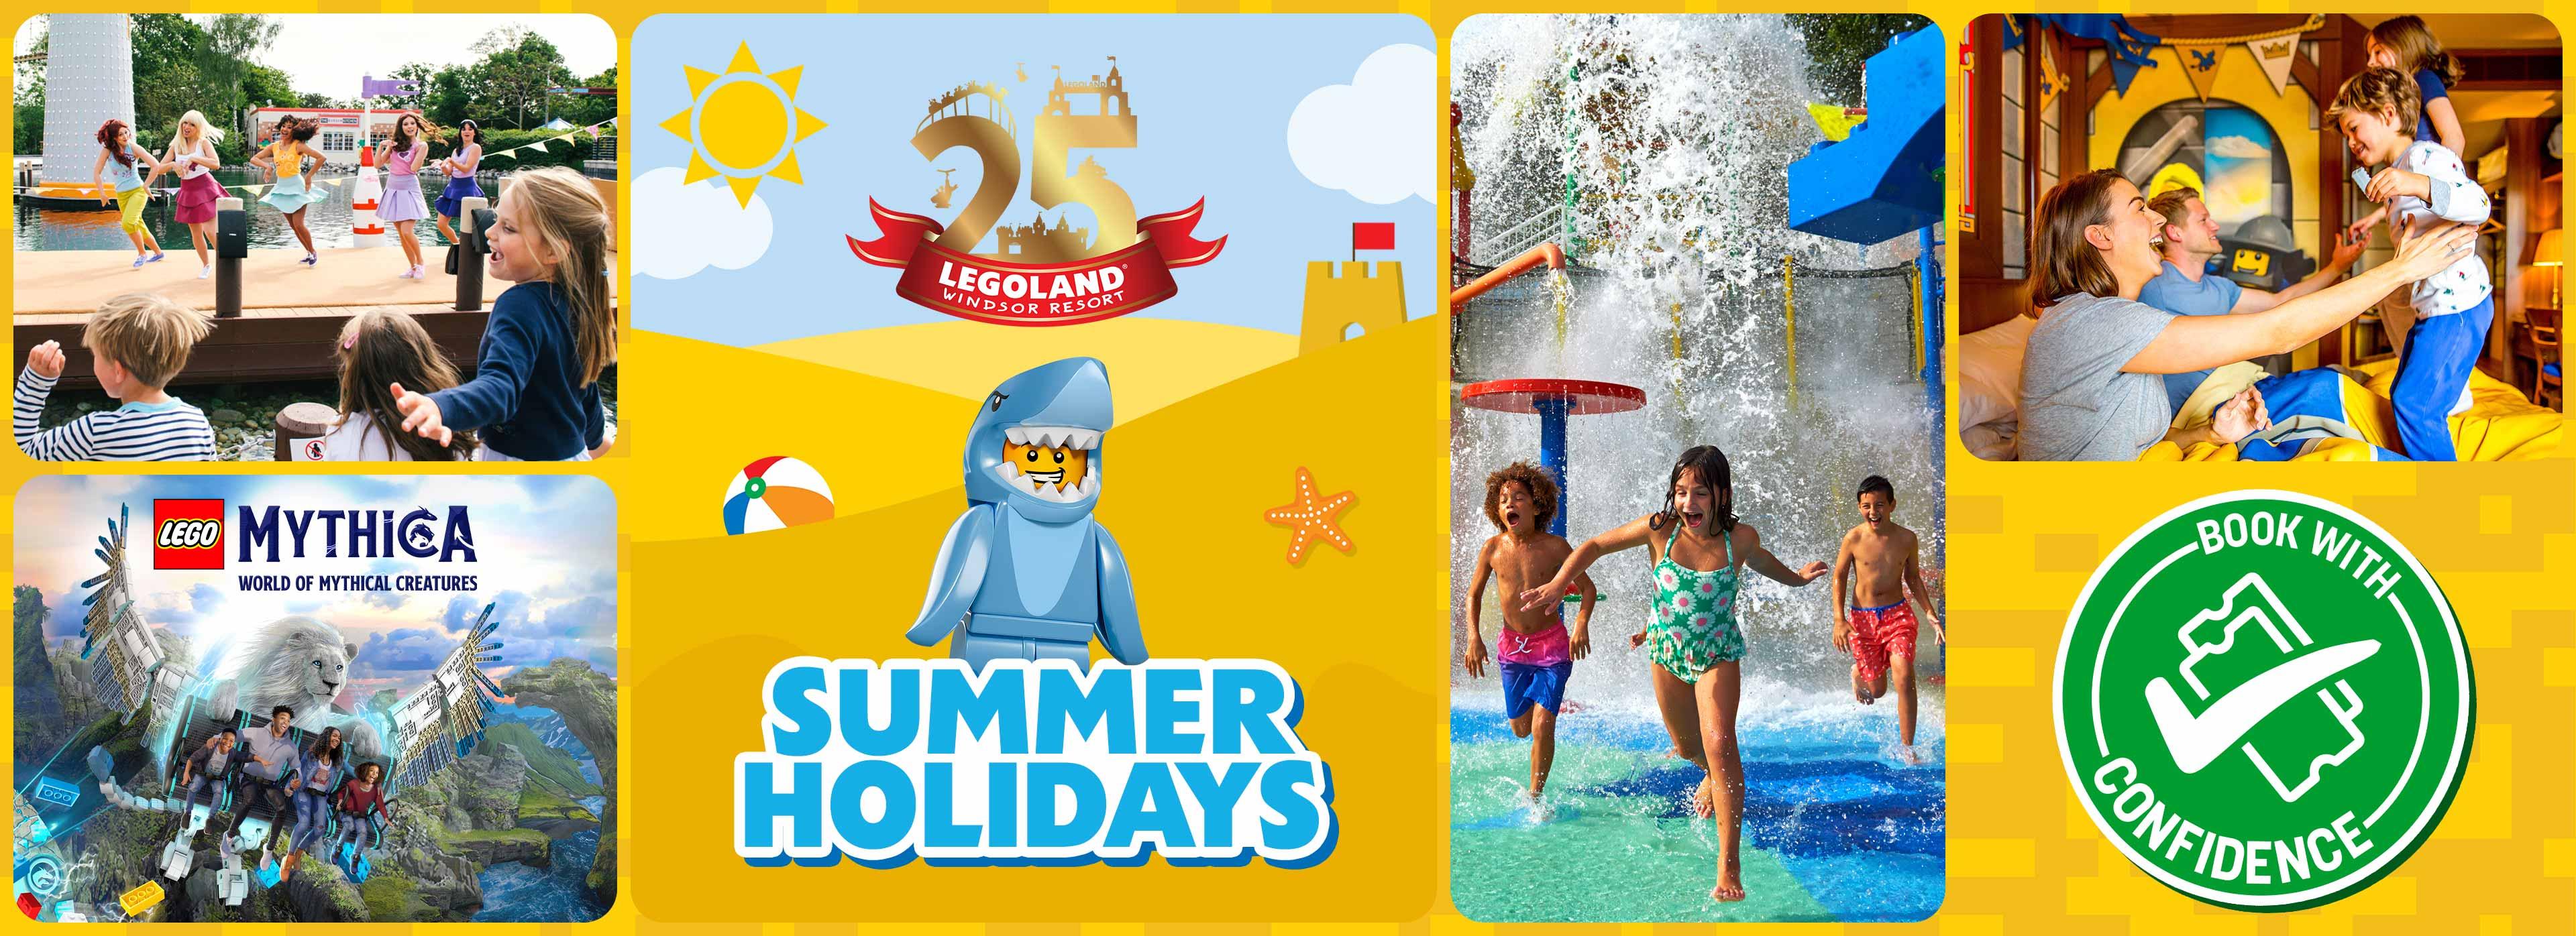 Summer short breaks at LEGOLAND Windsor Resort